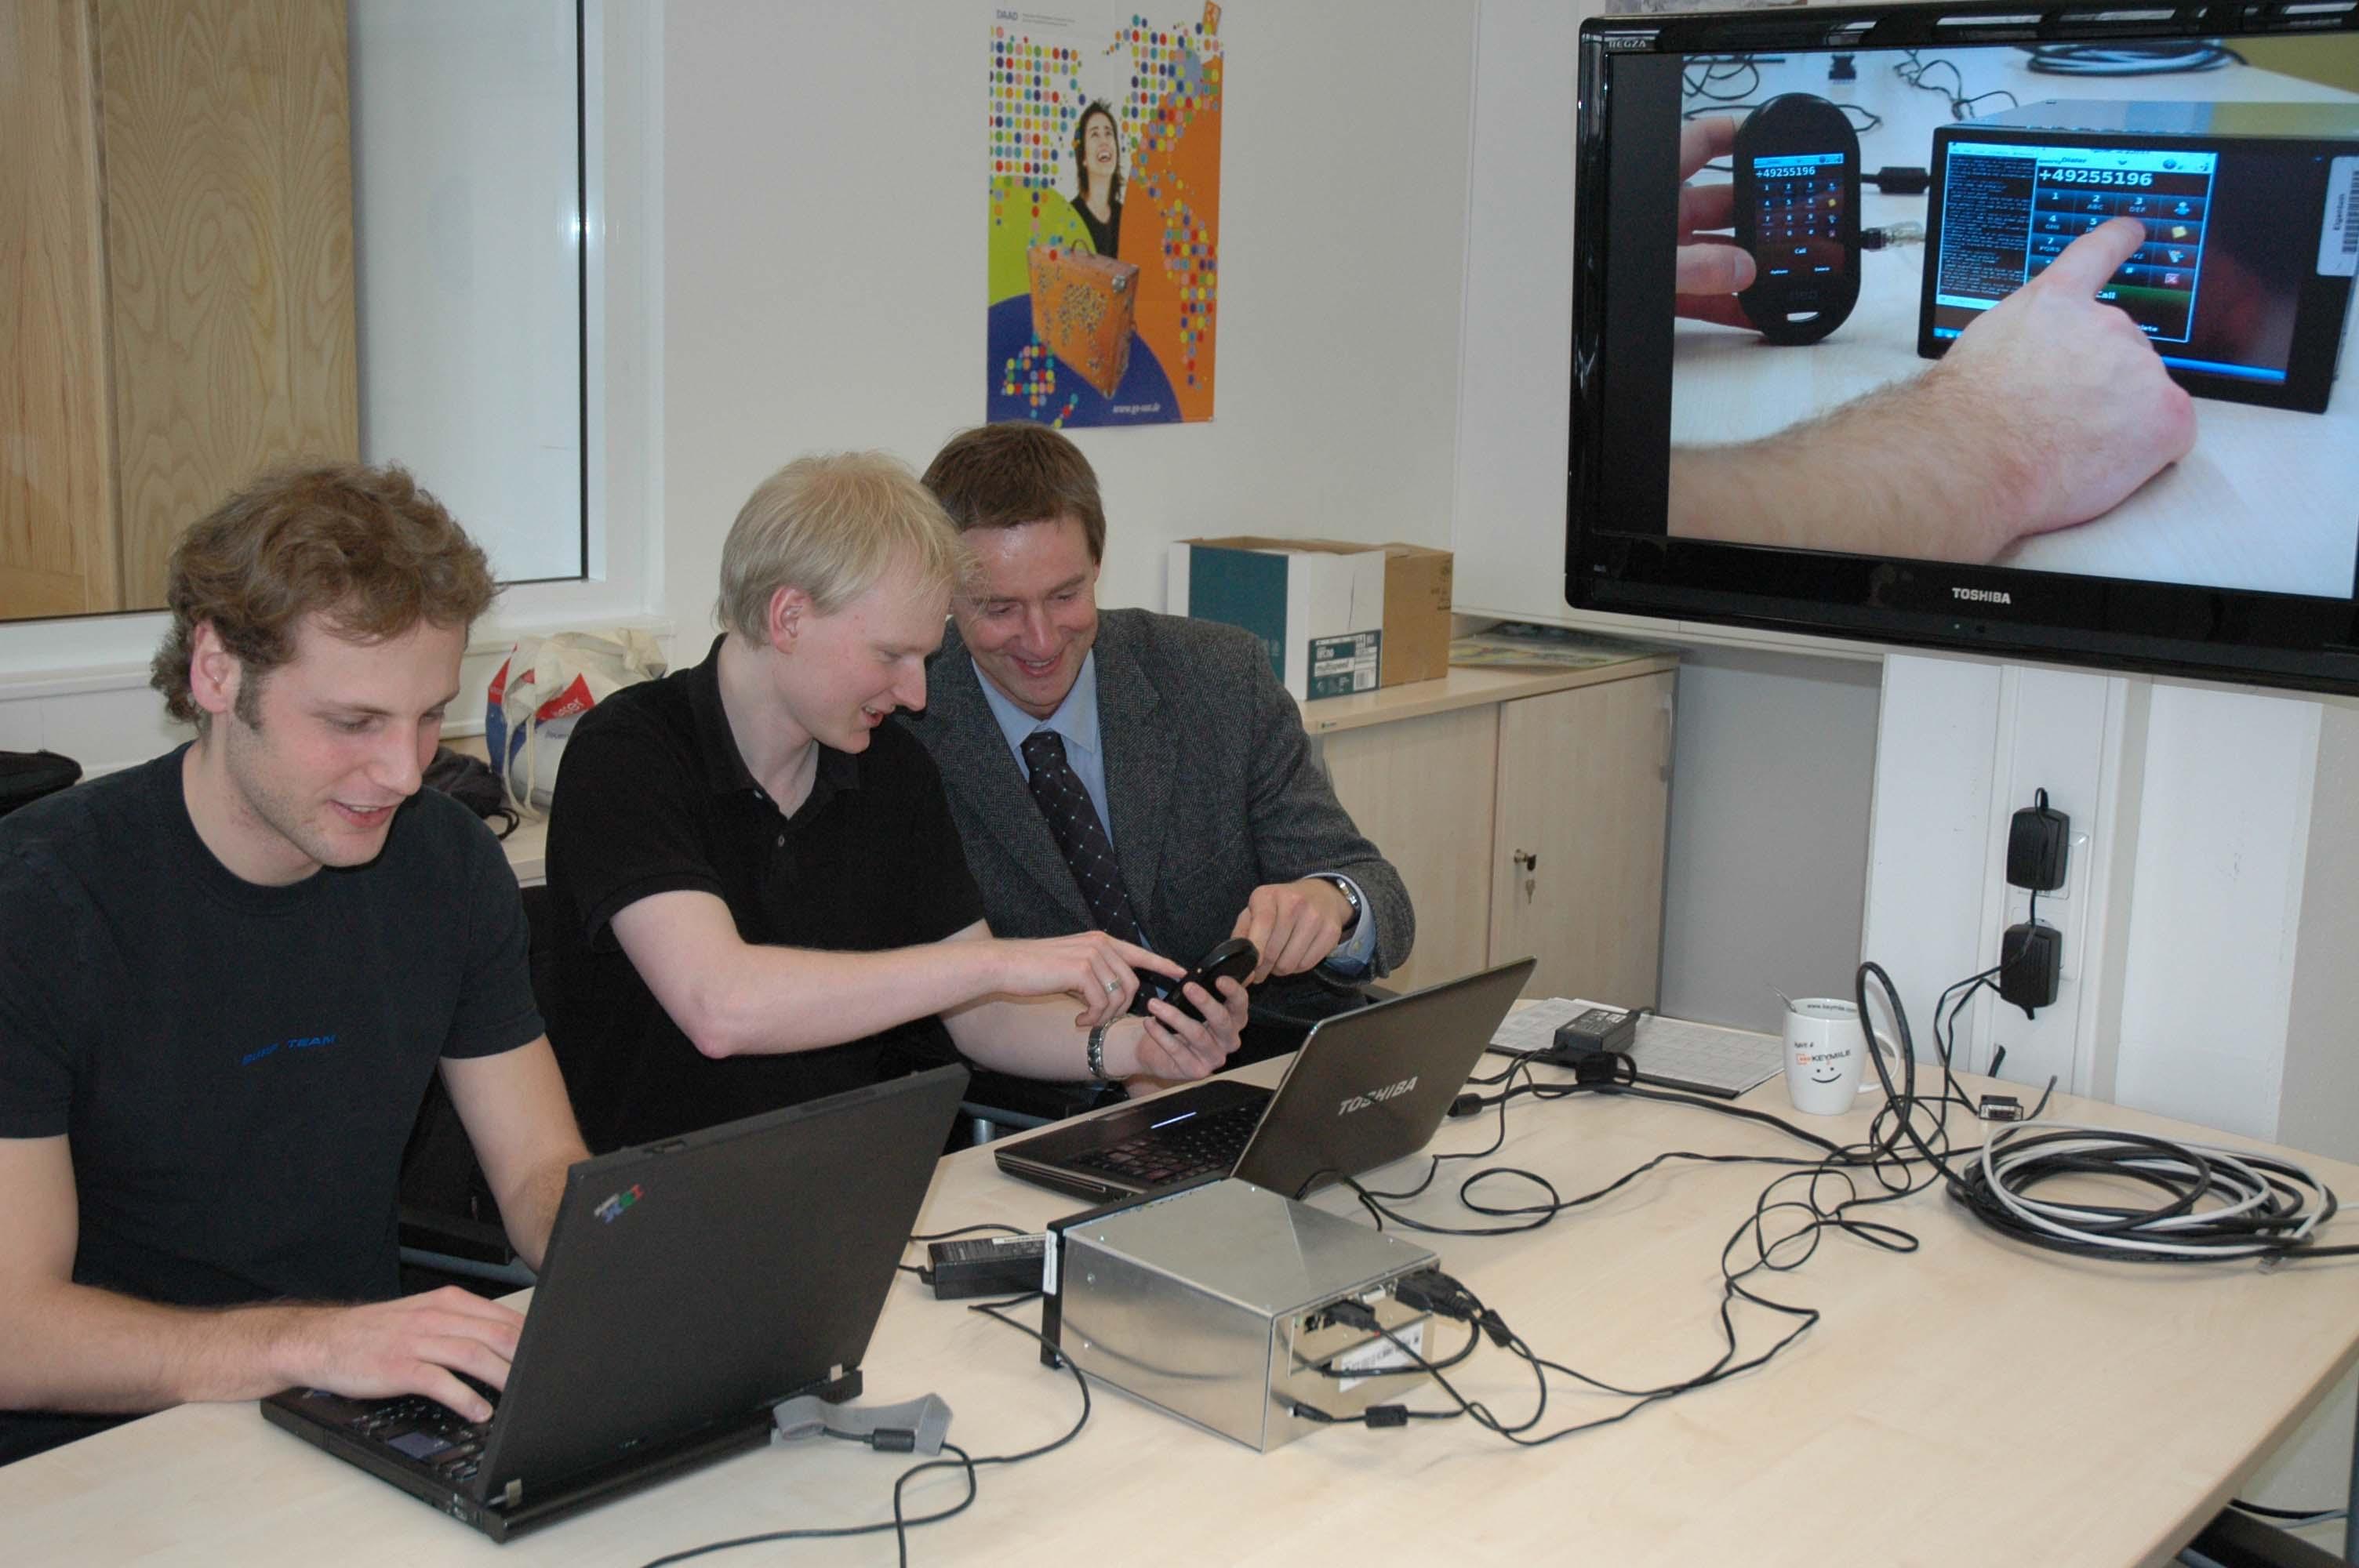 Drei Personen vor Computern im Labor